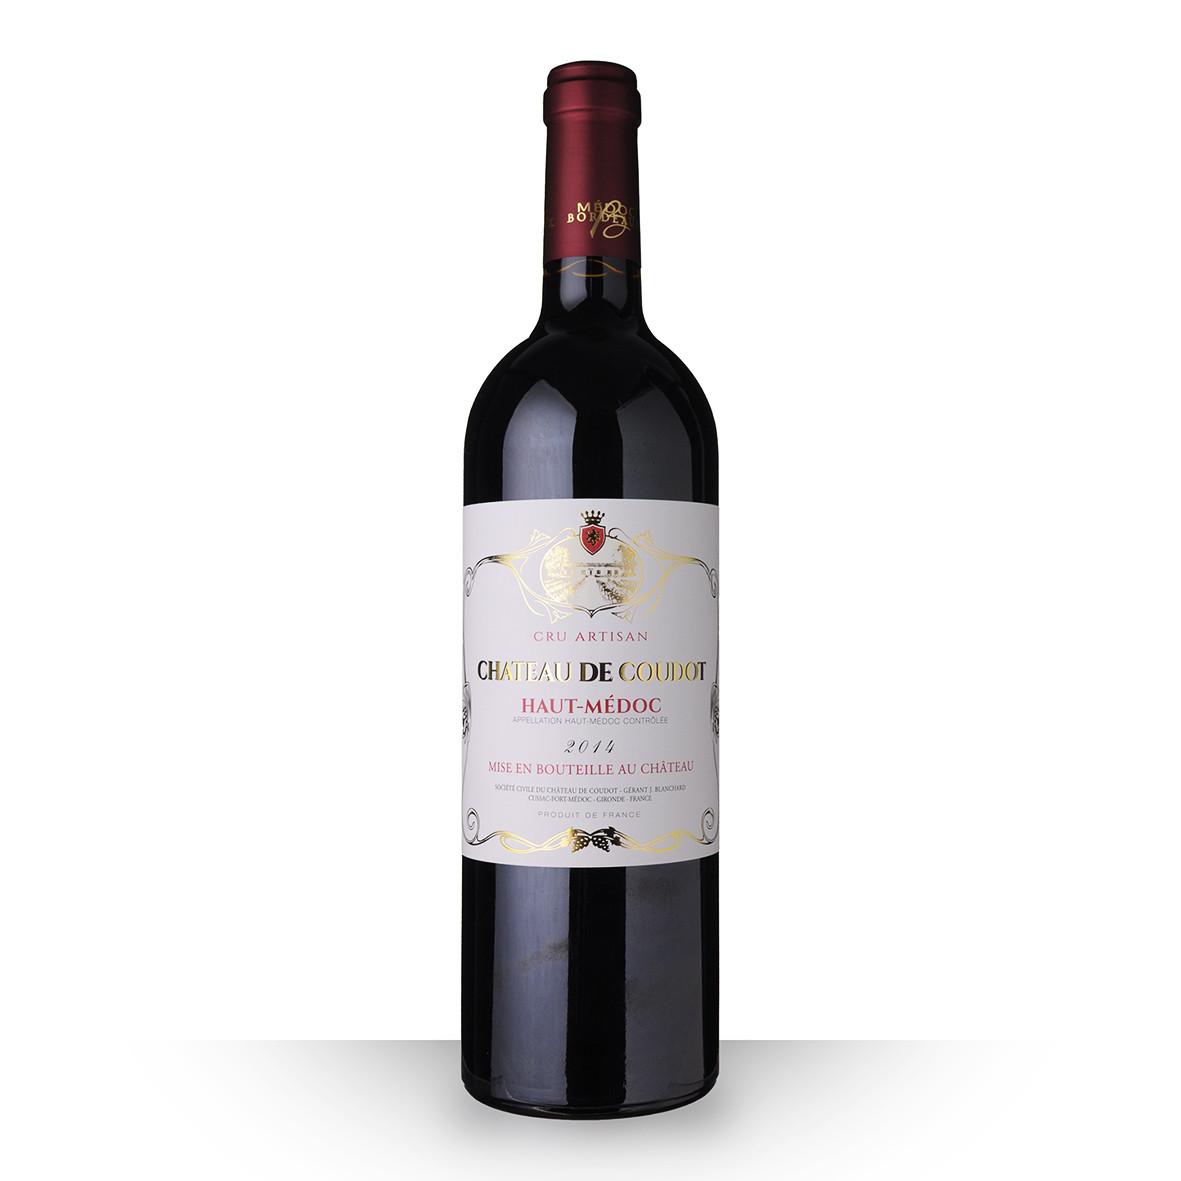 Château de Coudot Haut-Médoc Cru Artisan Rouge 2014 75cl www.odyssee-vins.com